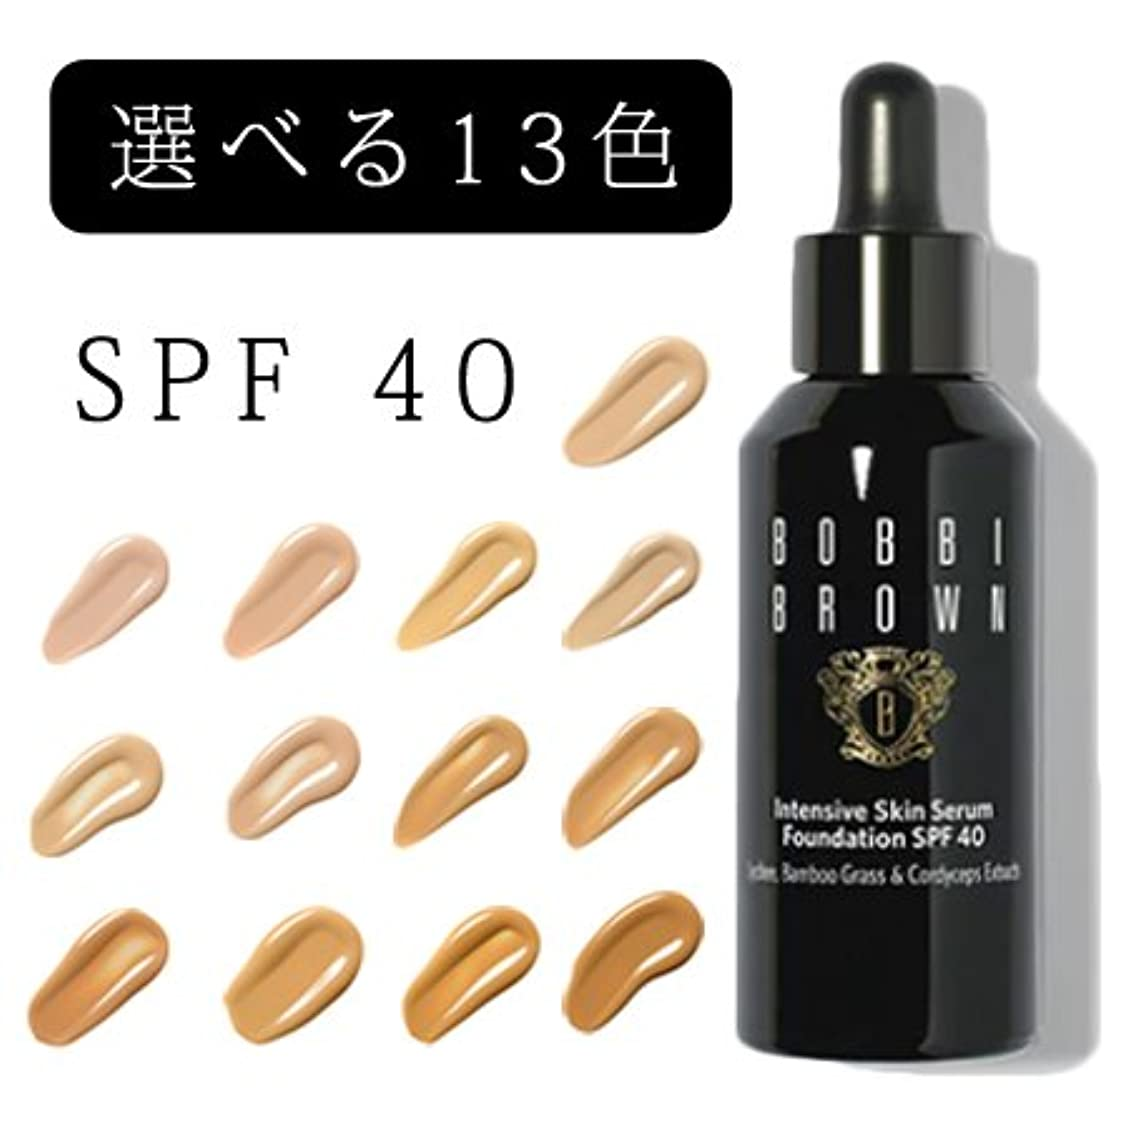 不一致パイント適用済みボビイブラウン インテンシブ スキン セラム ファンデーション SPF 40 (PA++++) 13色展開 -BOBBI BROWN- ウォームサンド(標準色)